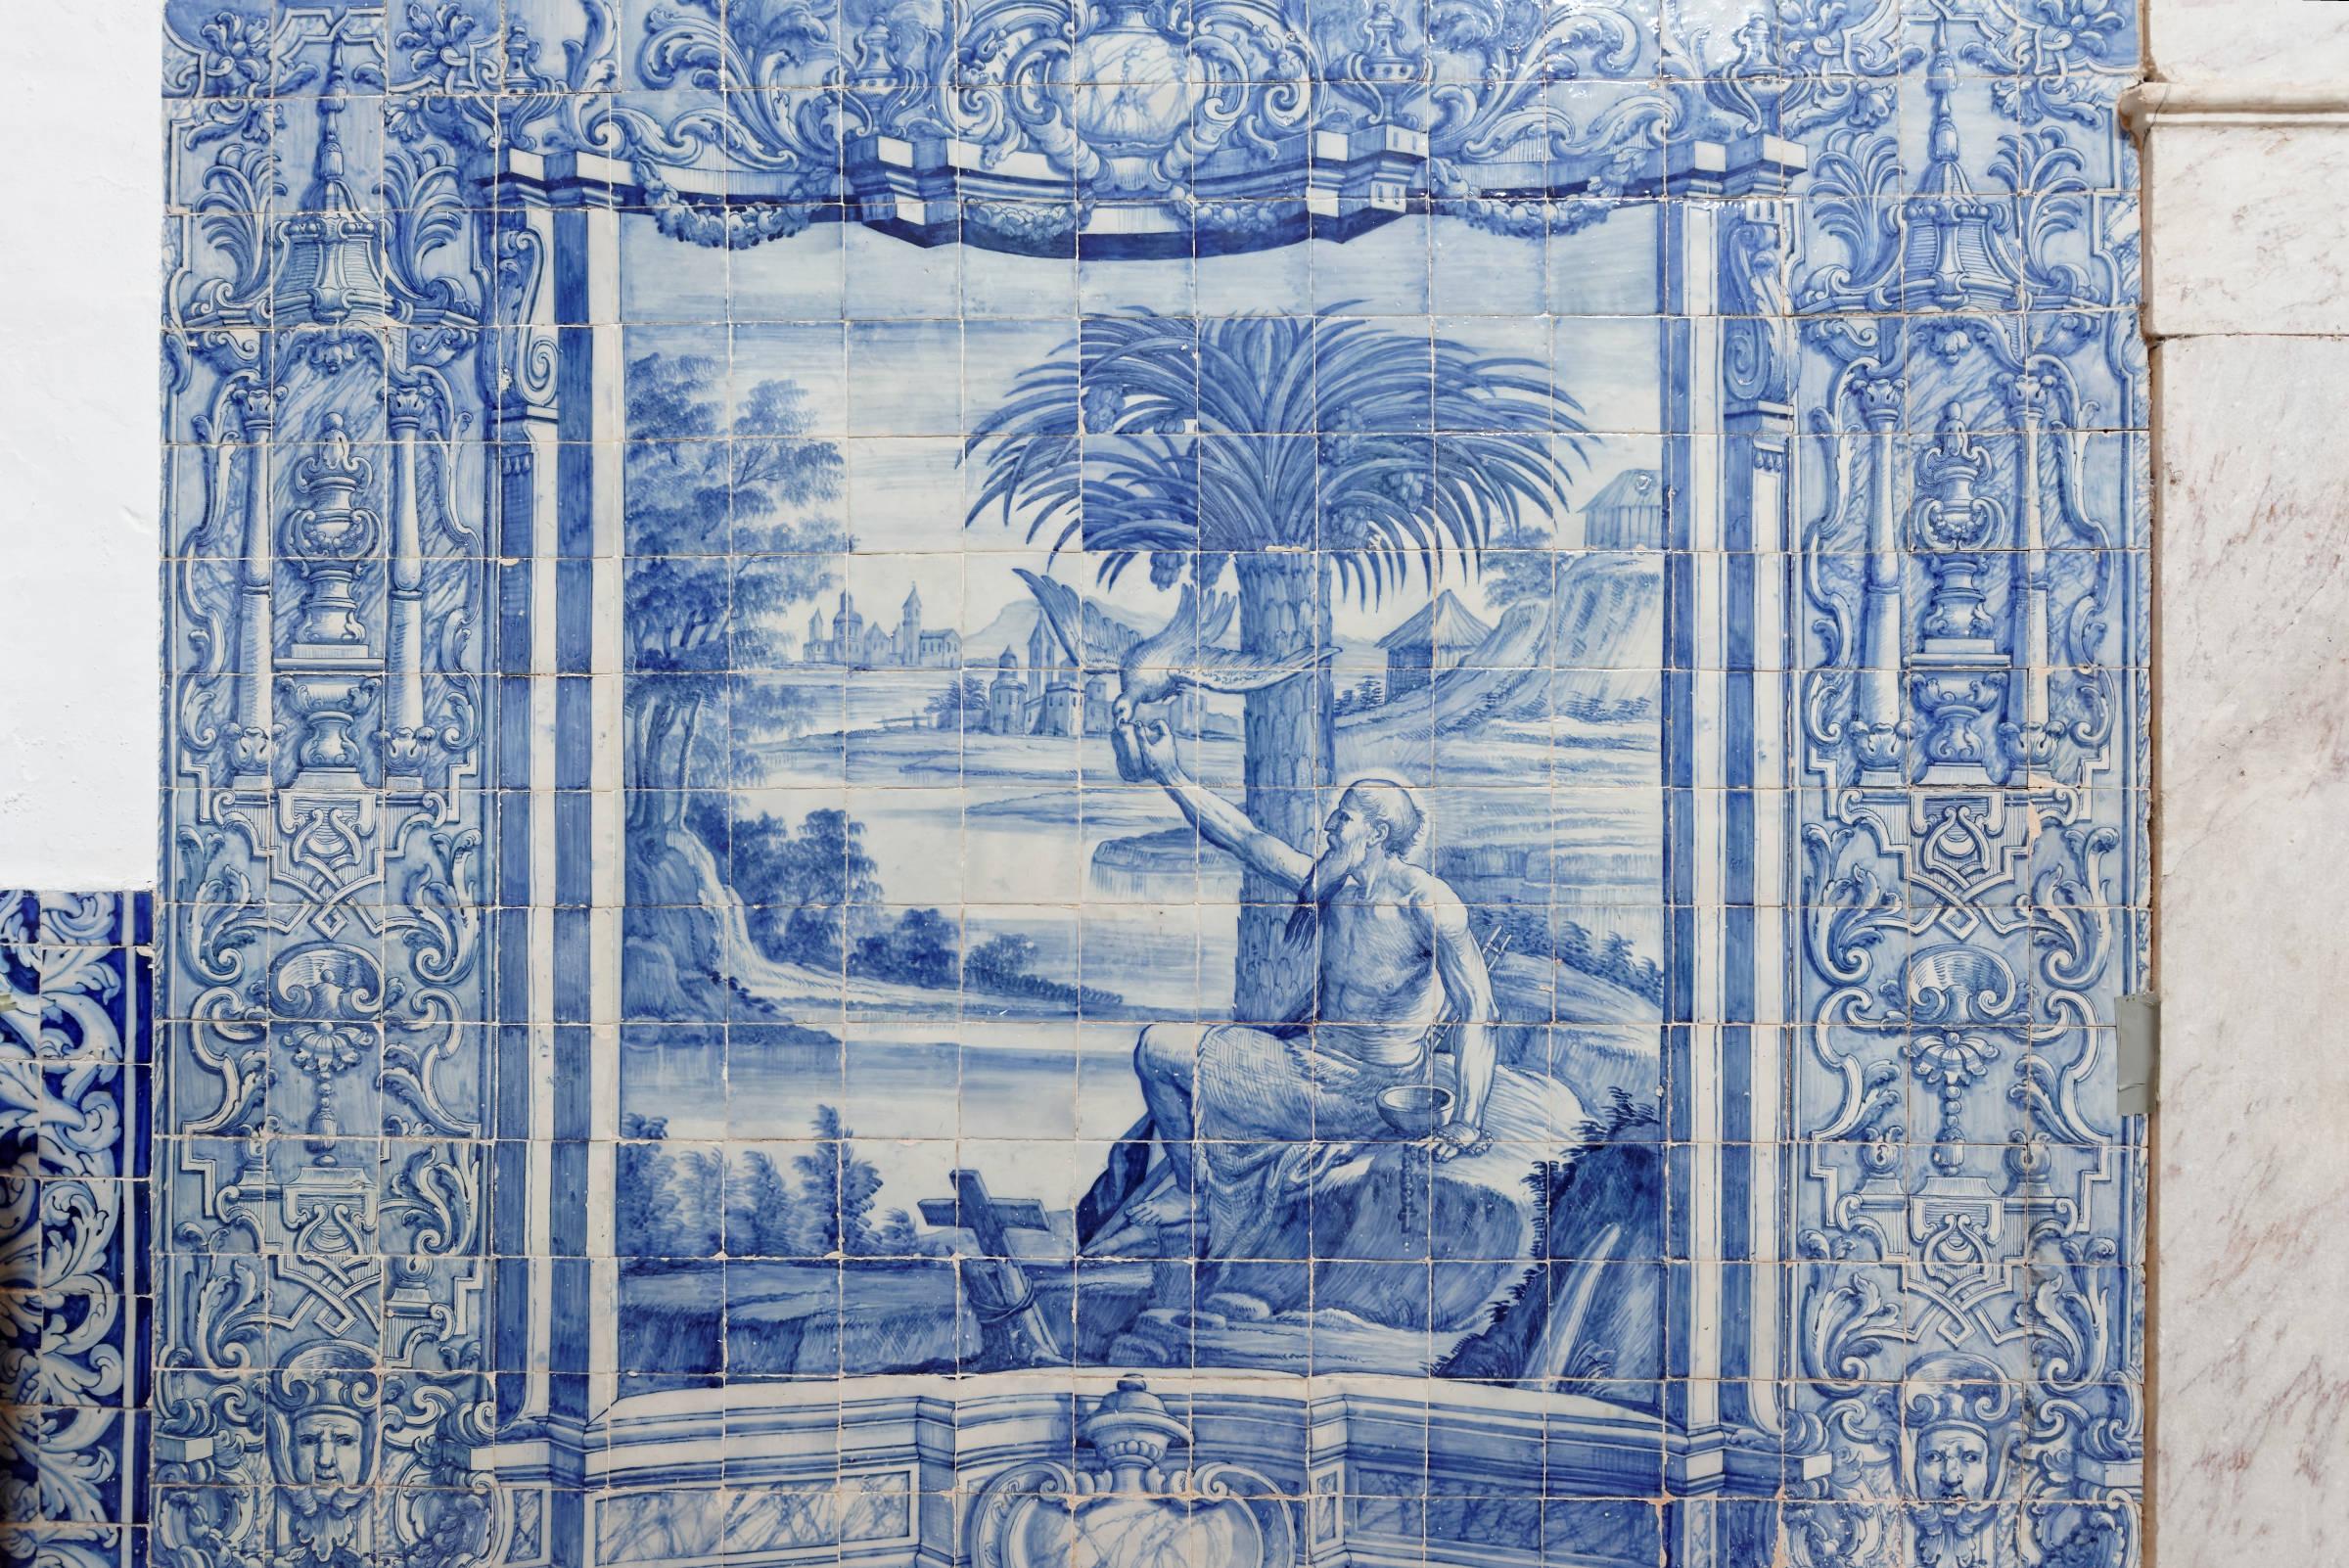 160407-Convento de sao paulo (Alentero Portugal) (176)